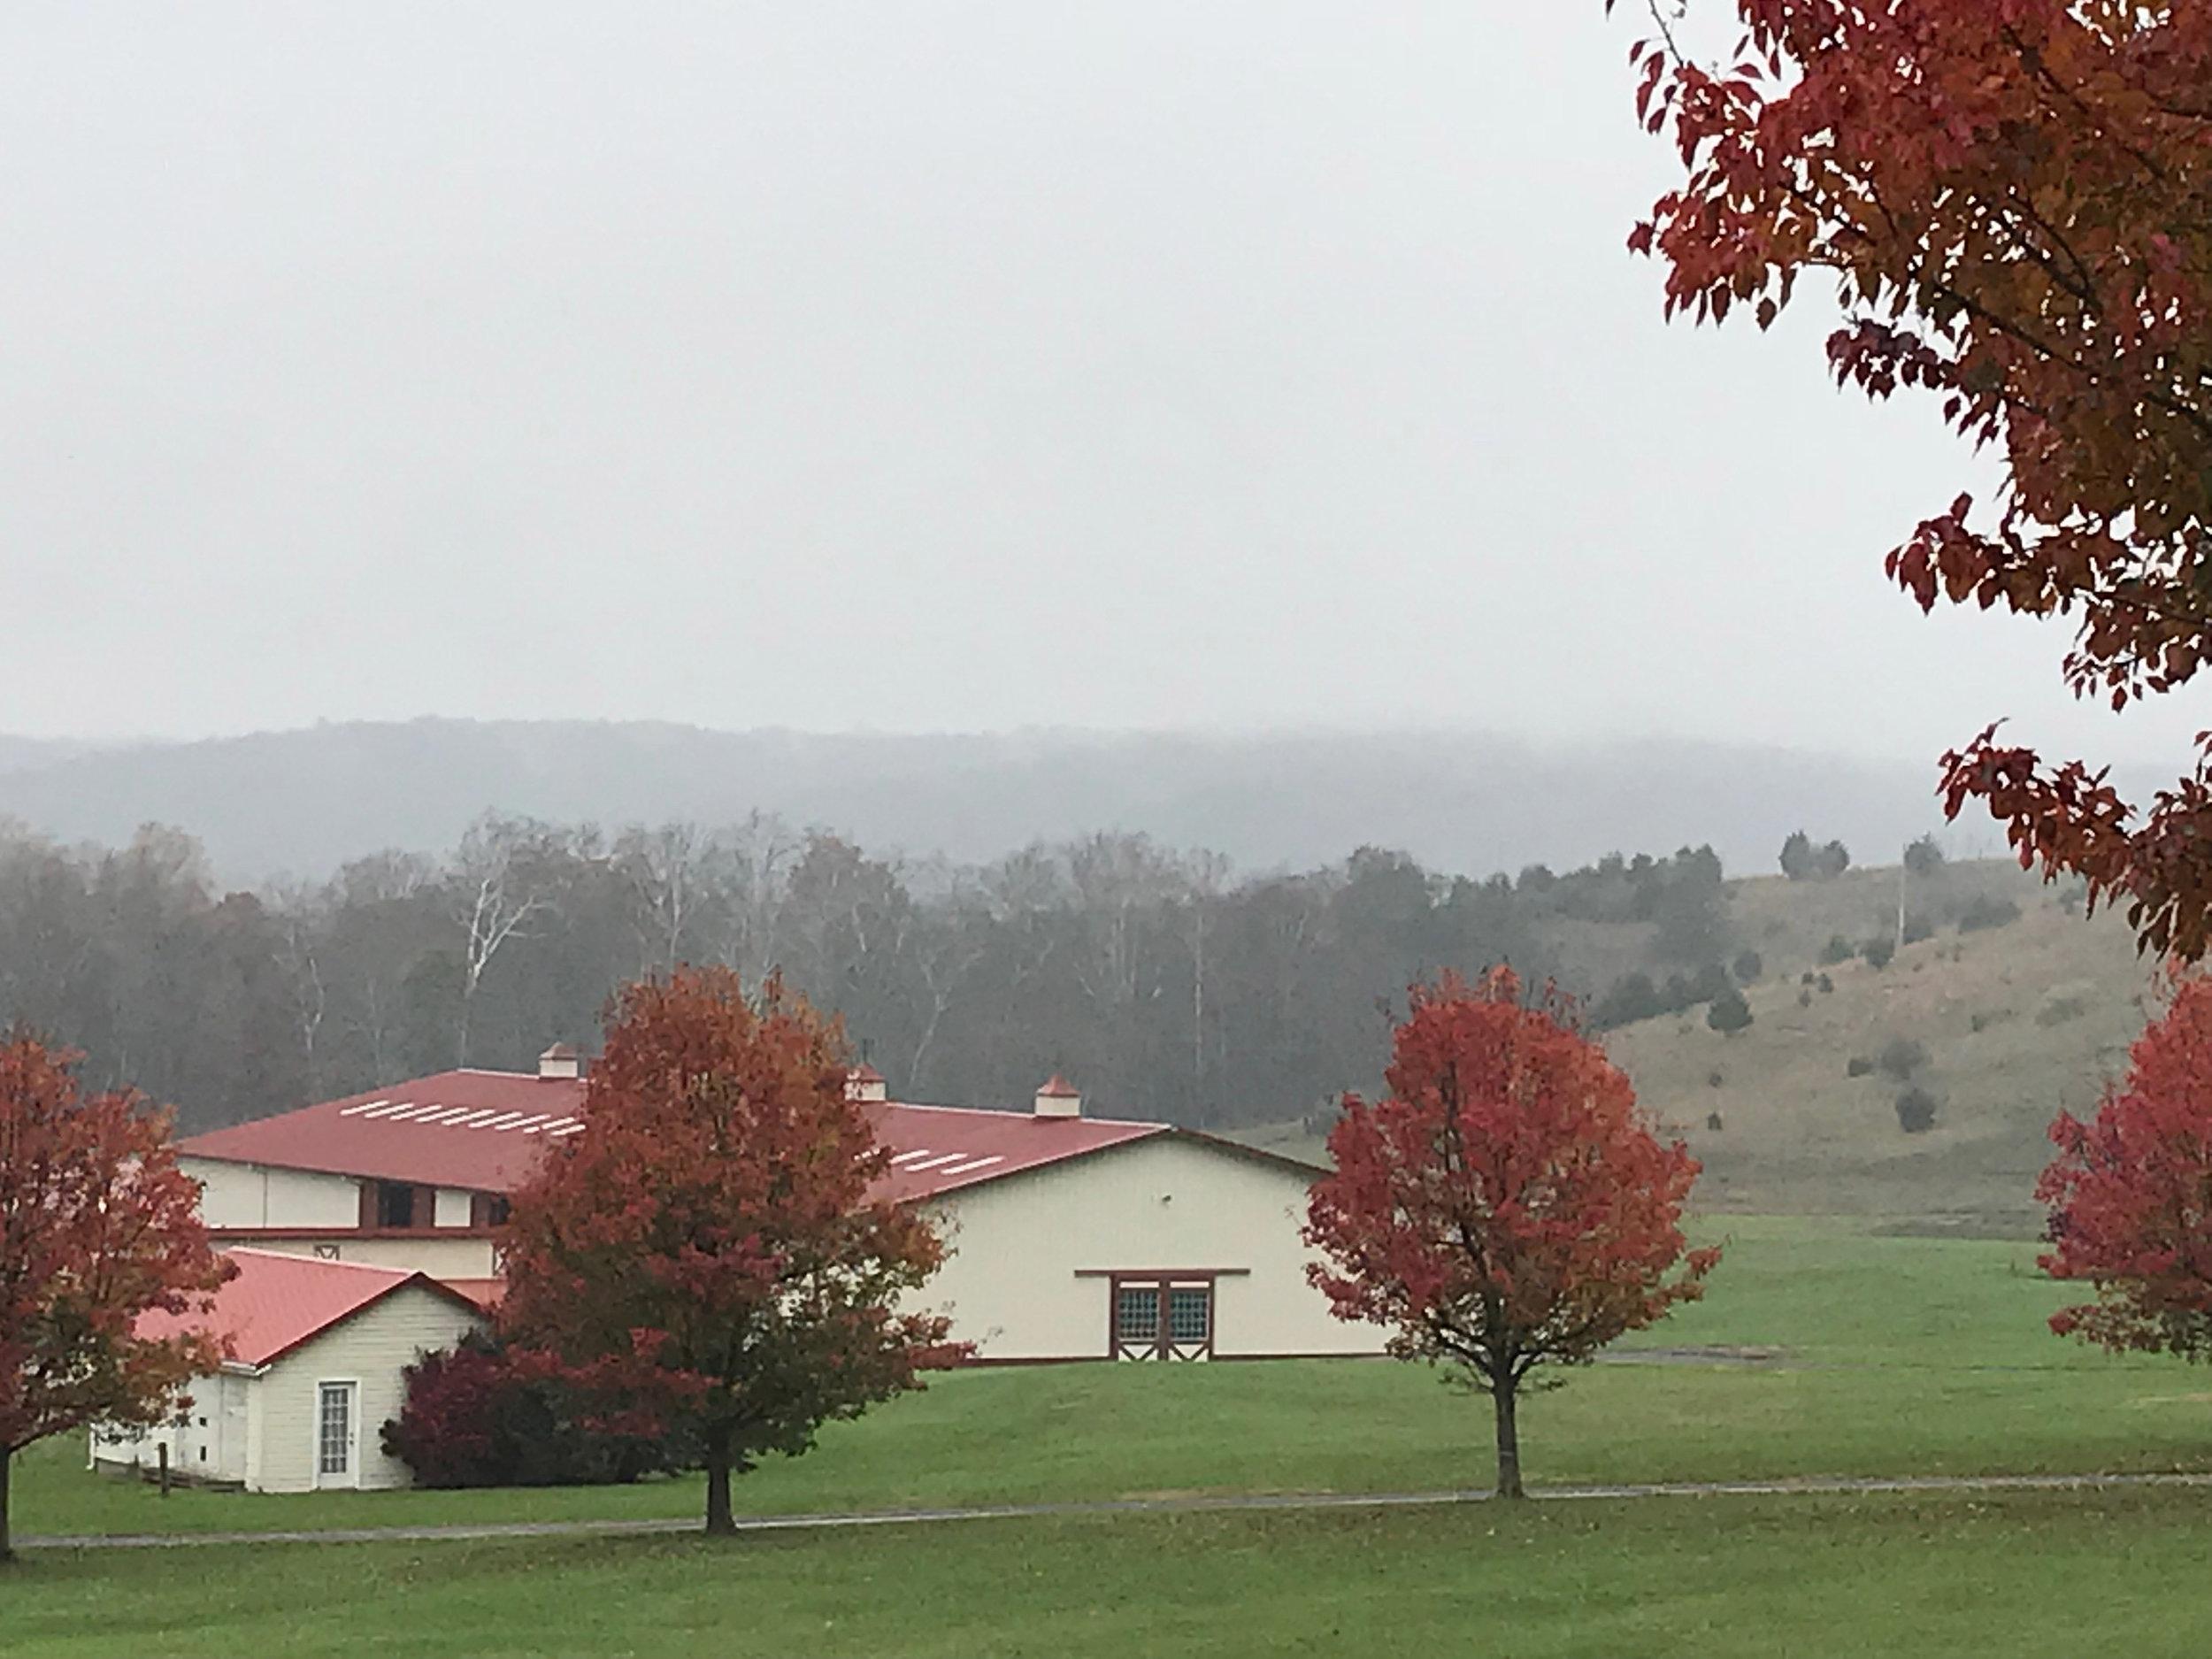 WV farm 11-17 1.jpg